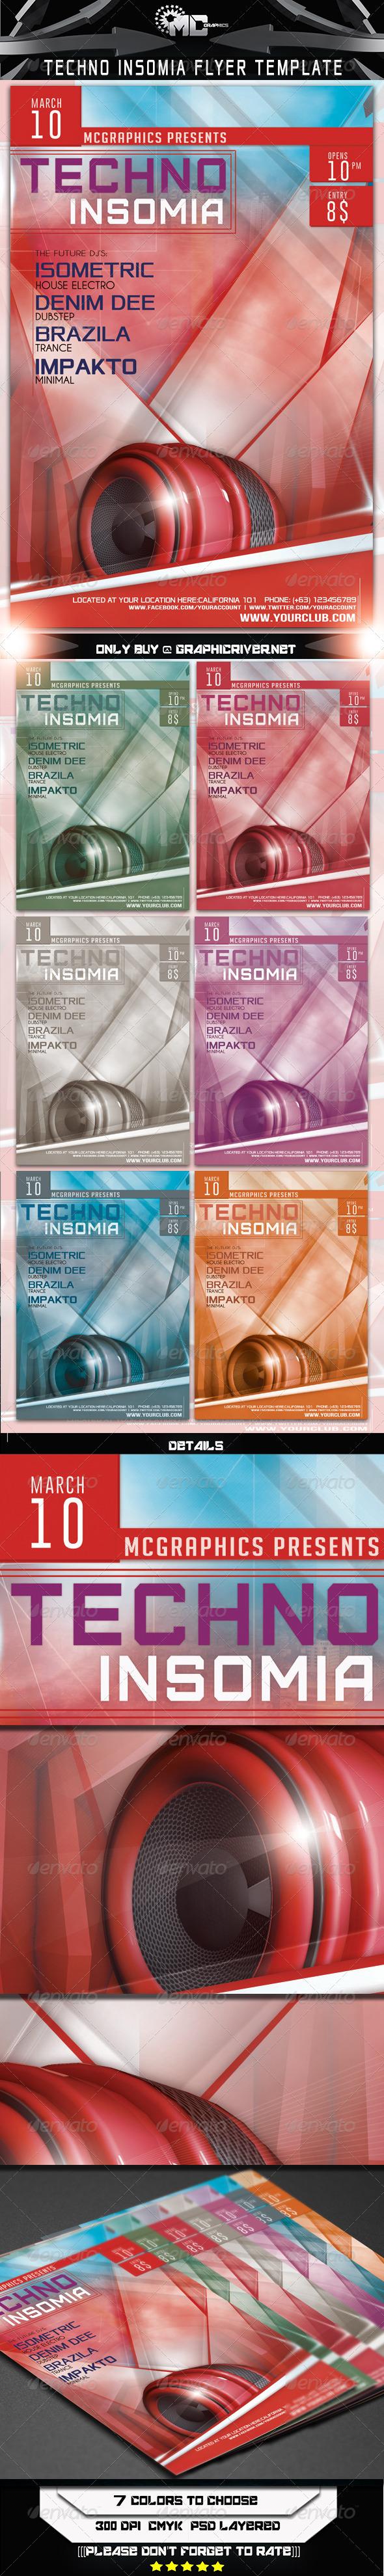 GraphicRiver Techno Insomia Flyer Template 6897591